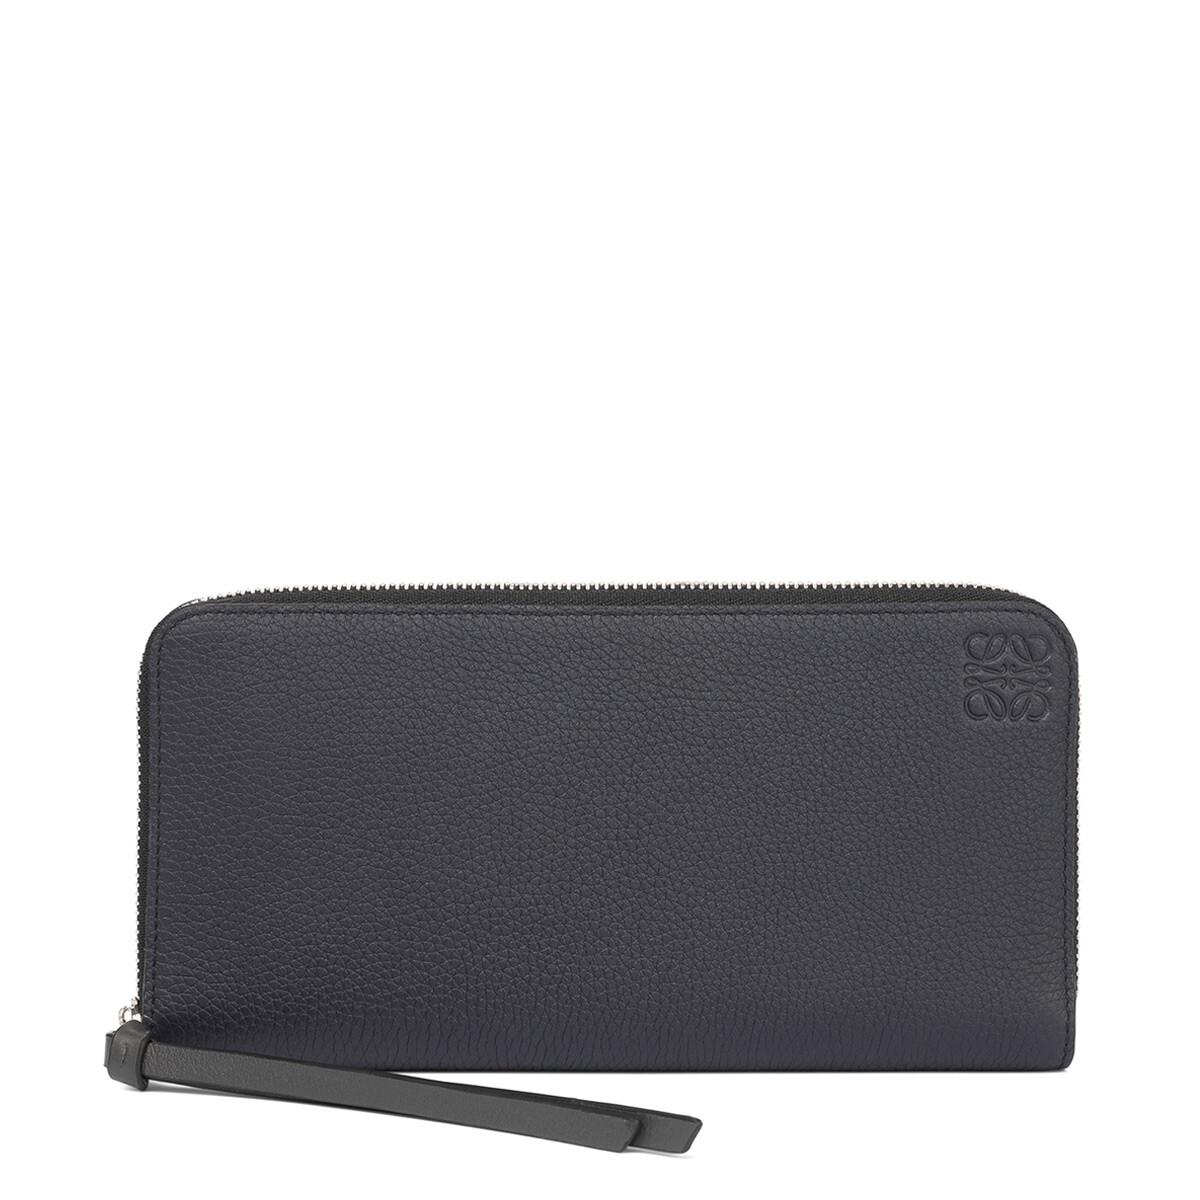 LOEWE(ロエベ)オススメのレディース財布